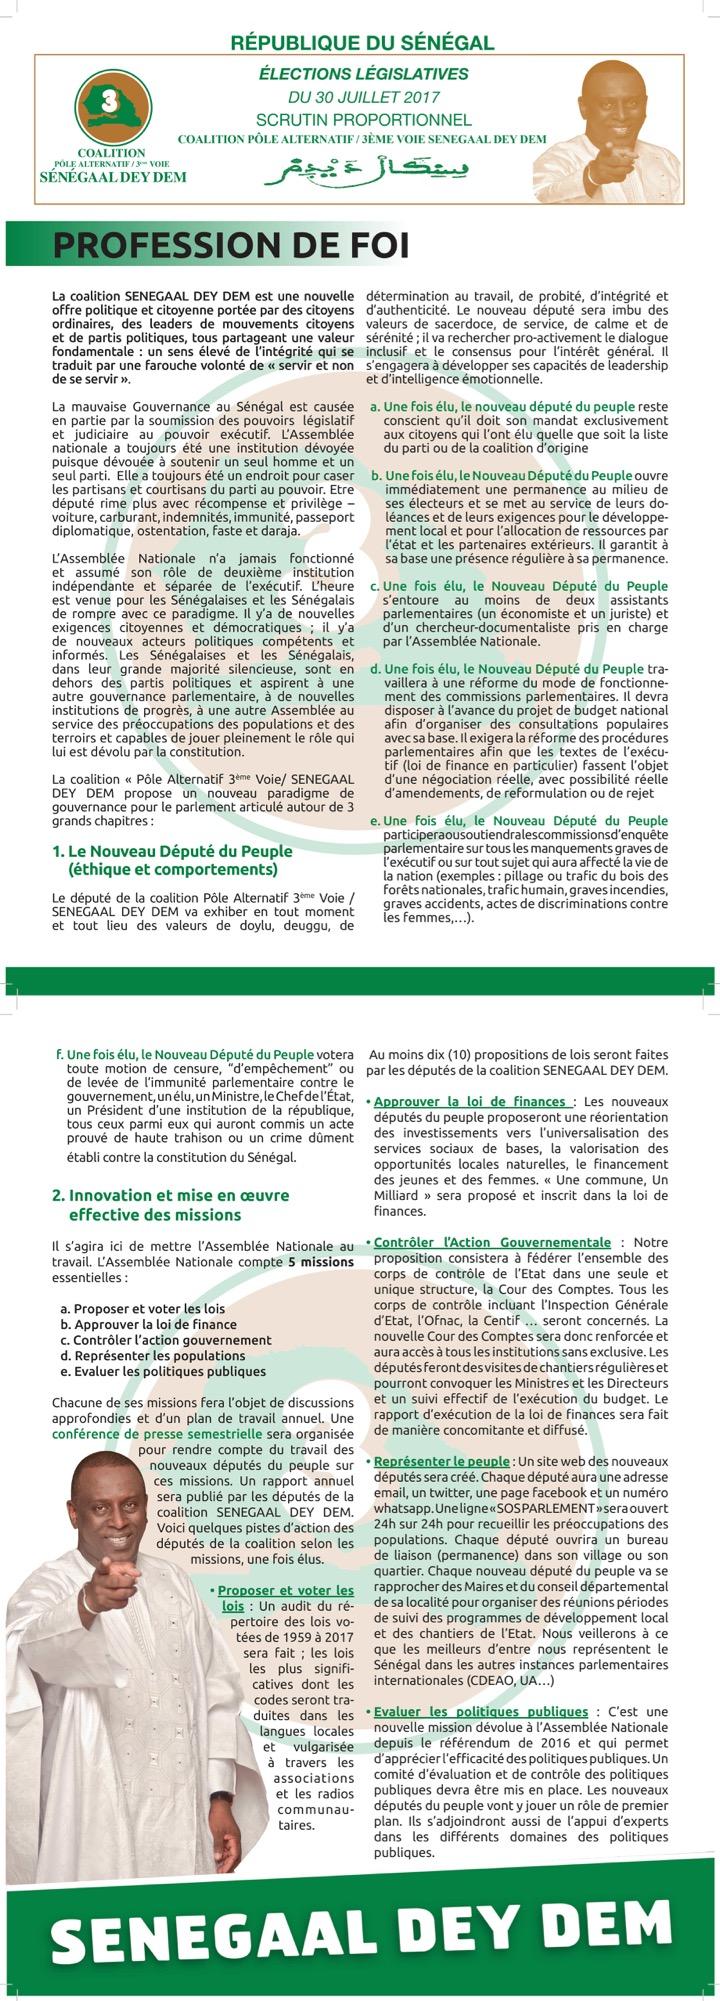 Profession de Foi : Sénégal Dey Dém